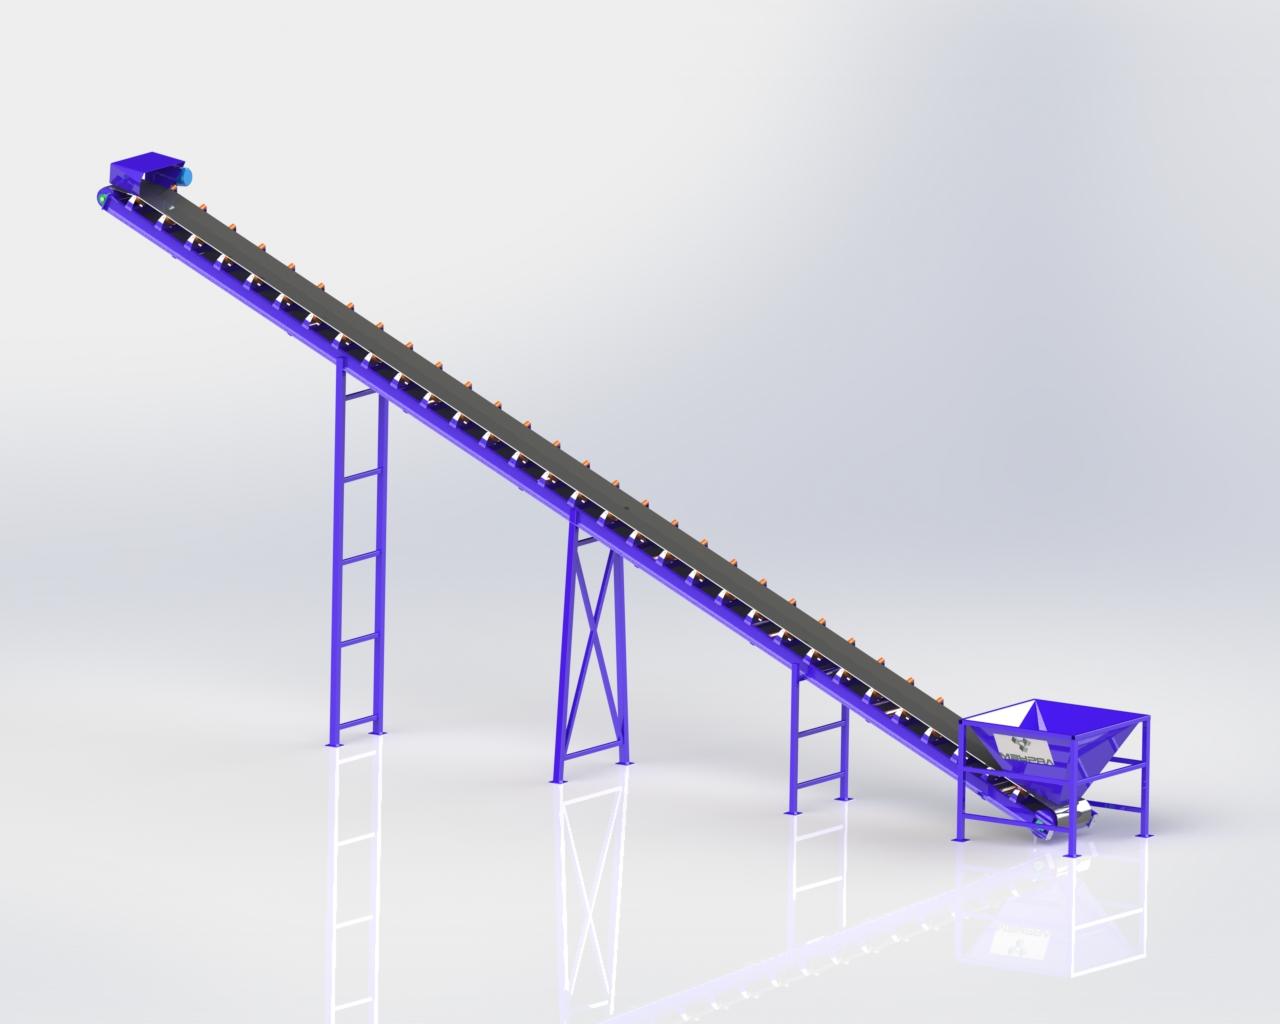 Ленточный конвейер ЛК16-800